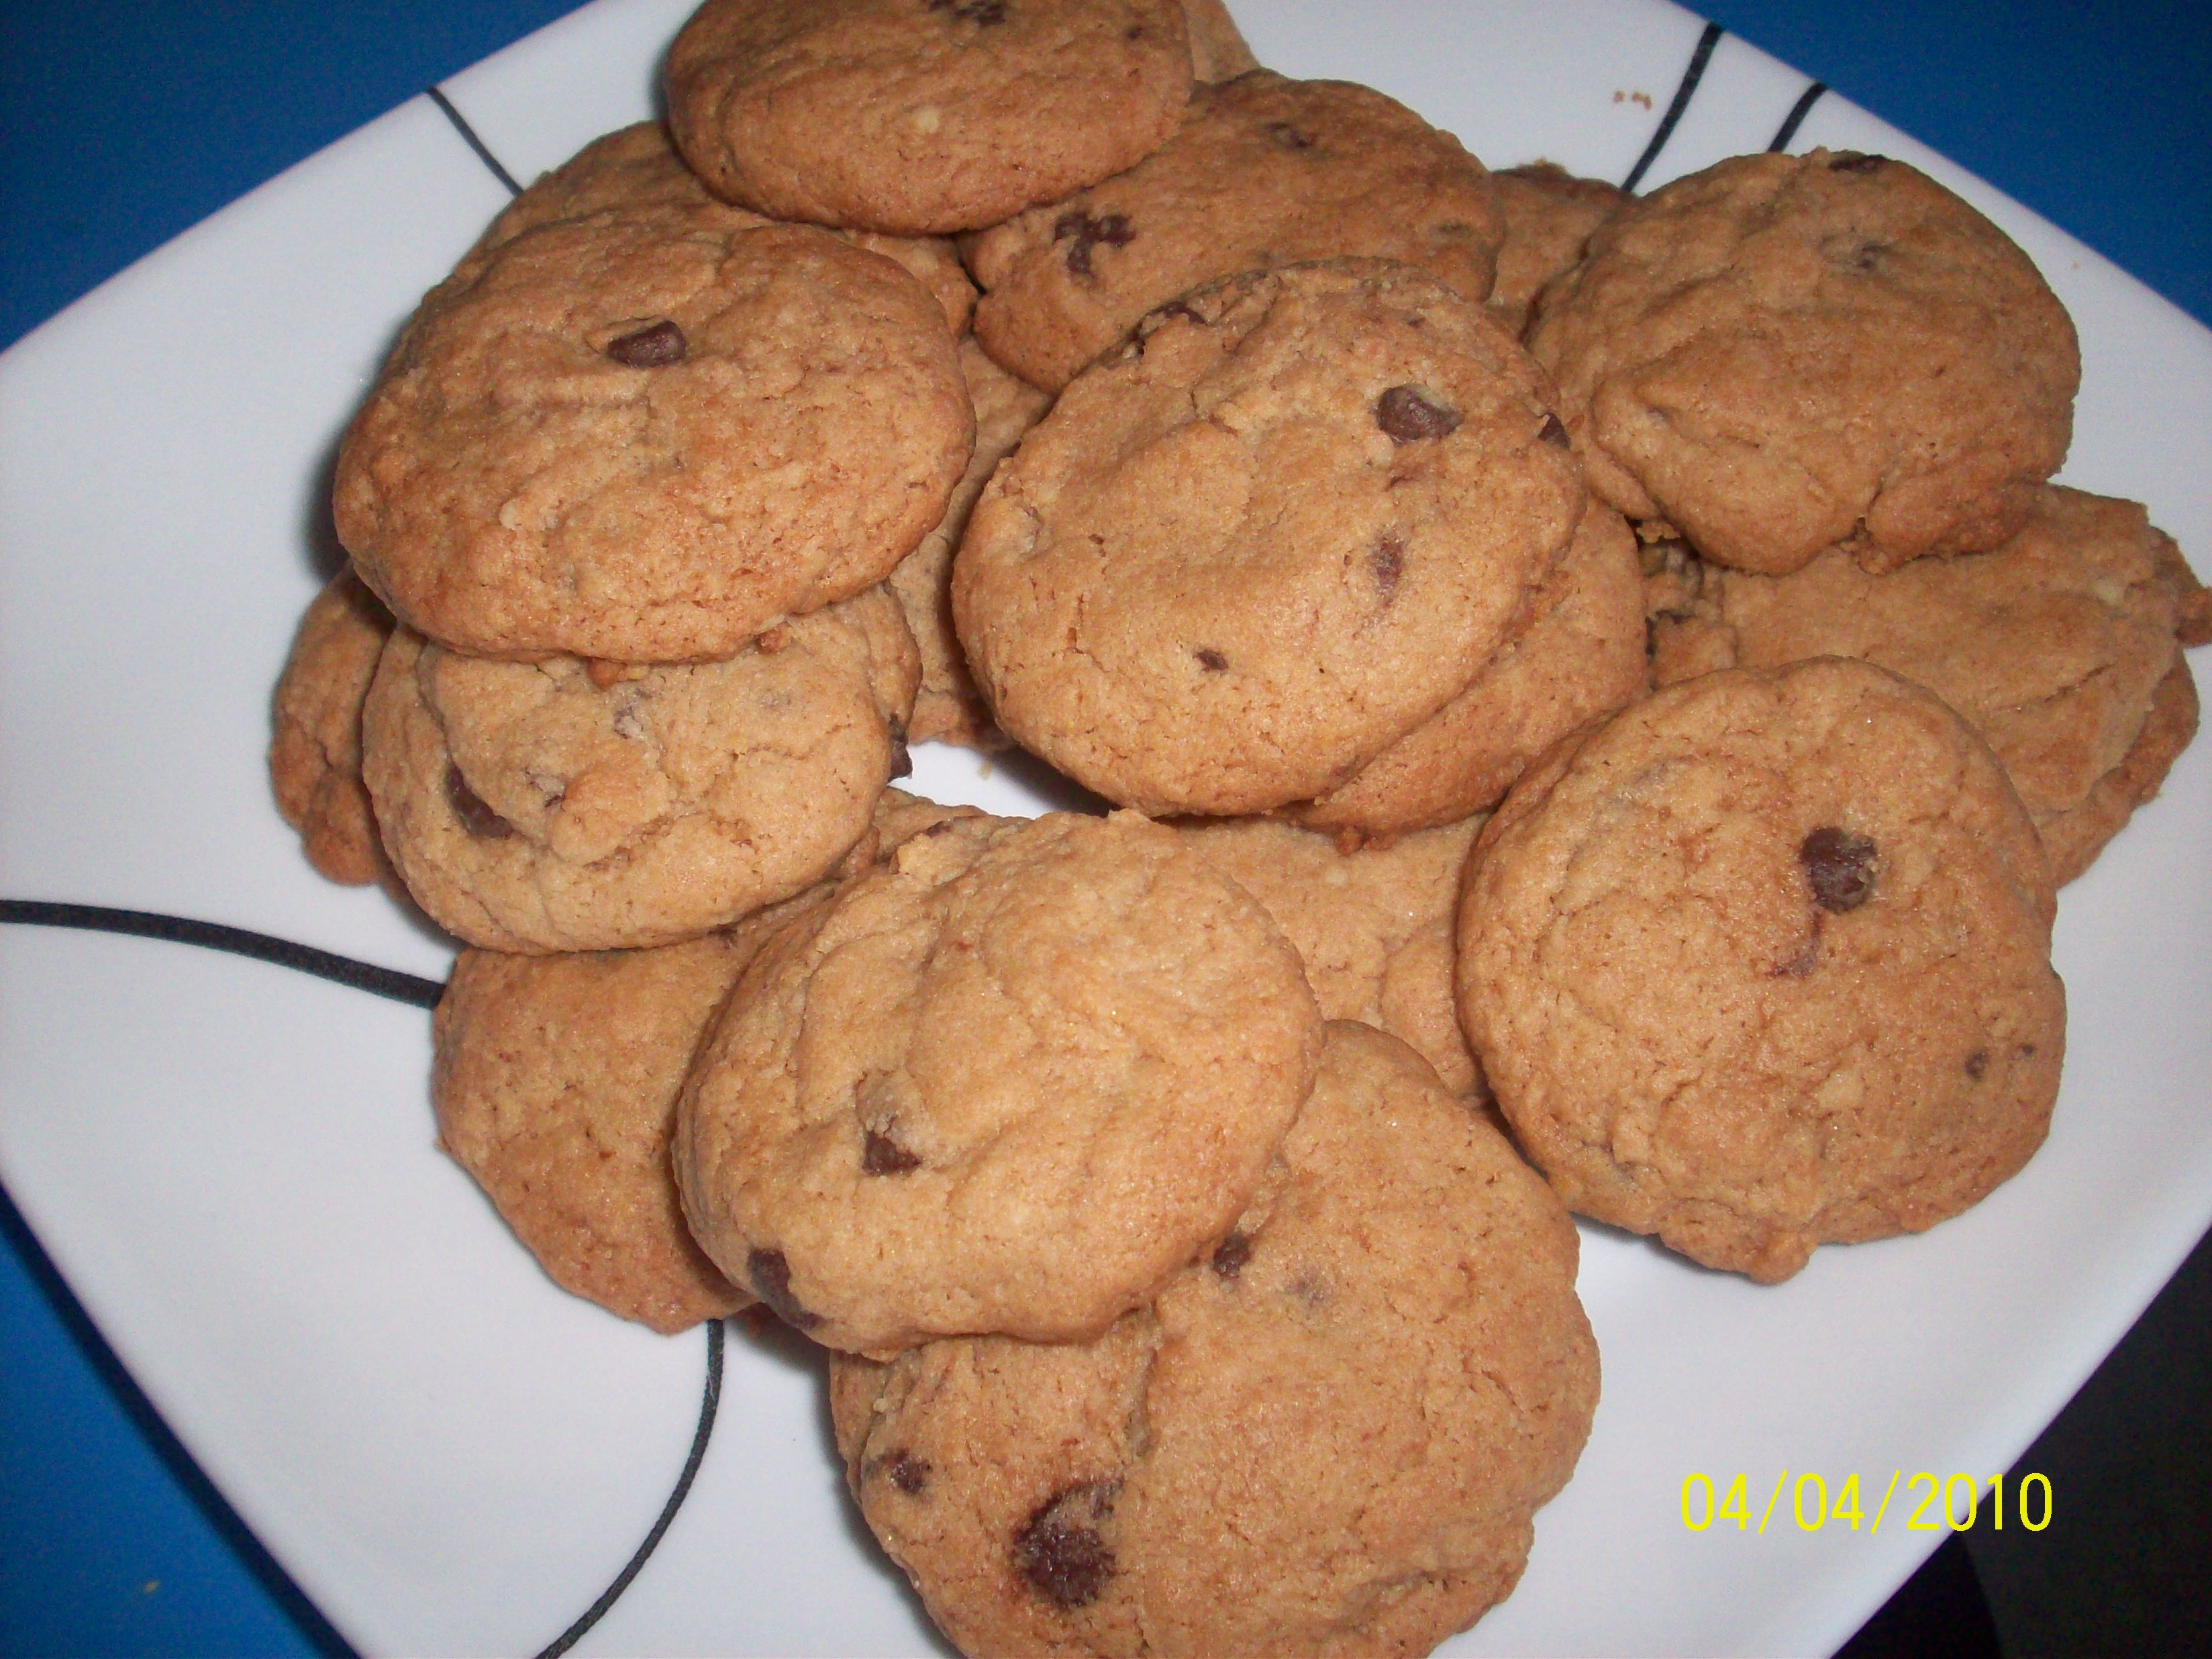 http://foodloader.net/cutie_2010-04-04_Cookies.jpg